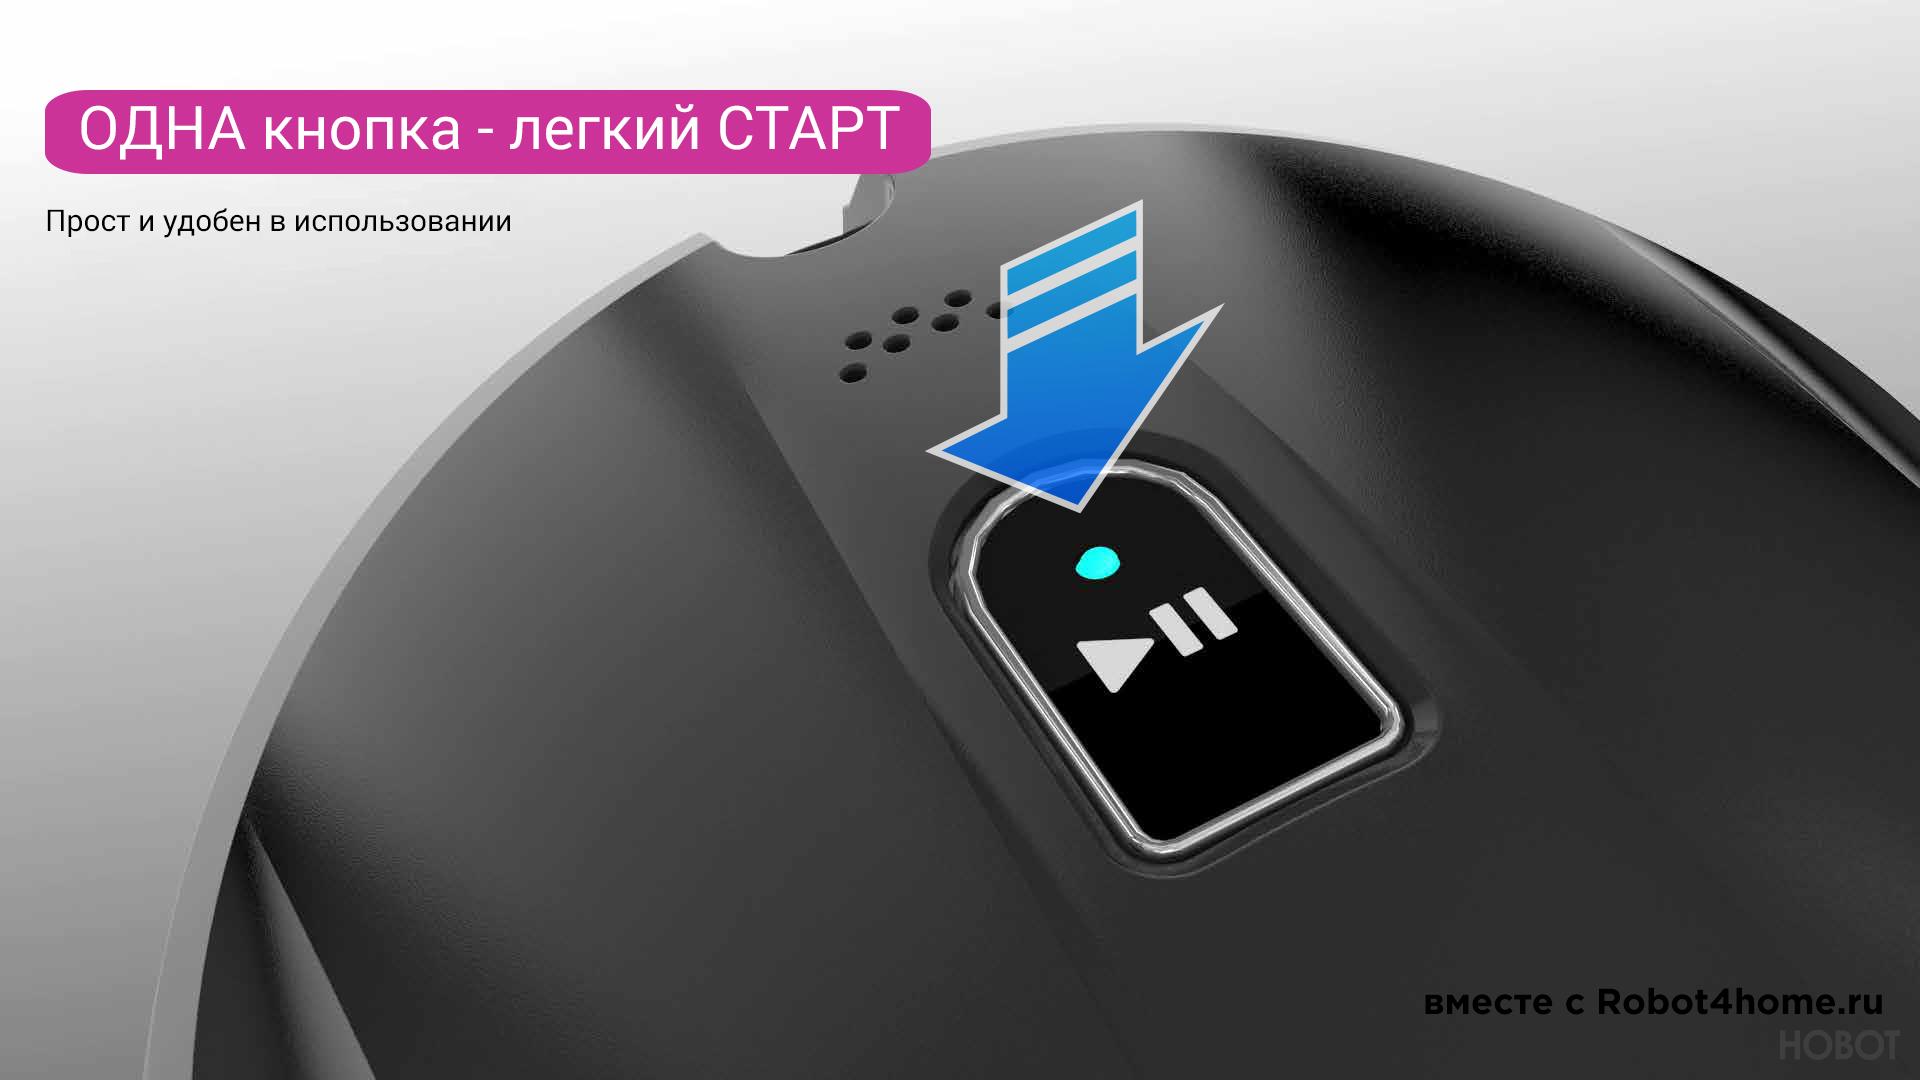 Робот мойщик окон Hobot-388 Ultrasonic robot4home.ru